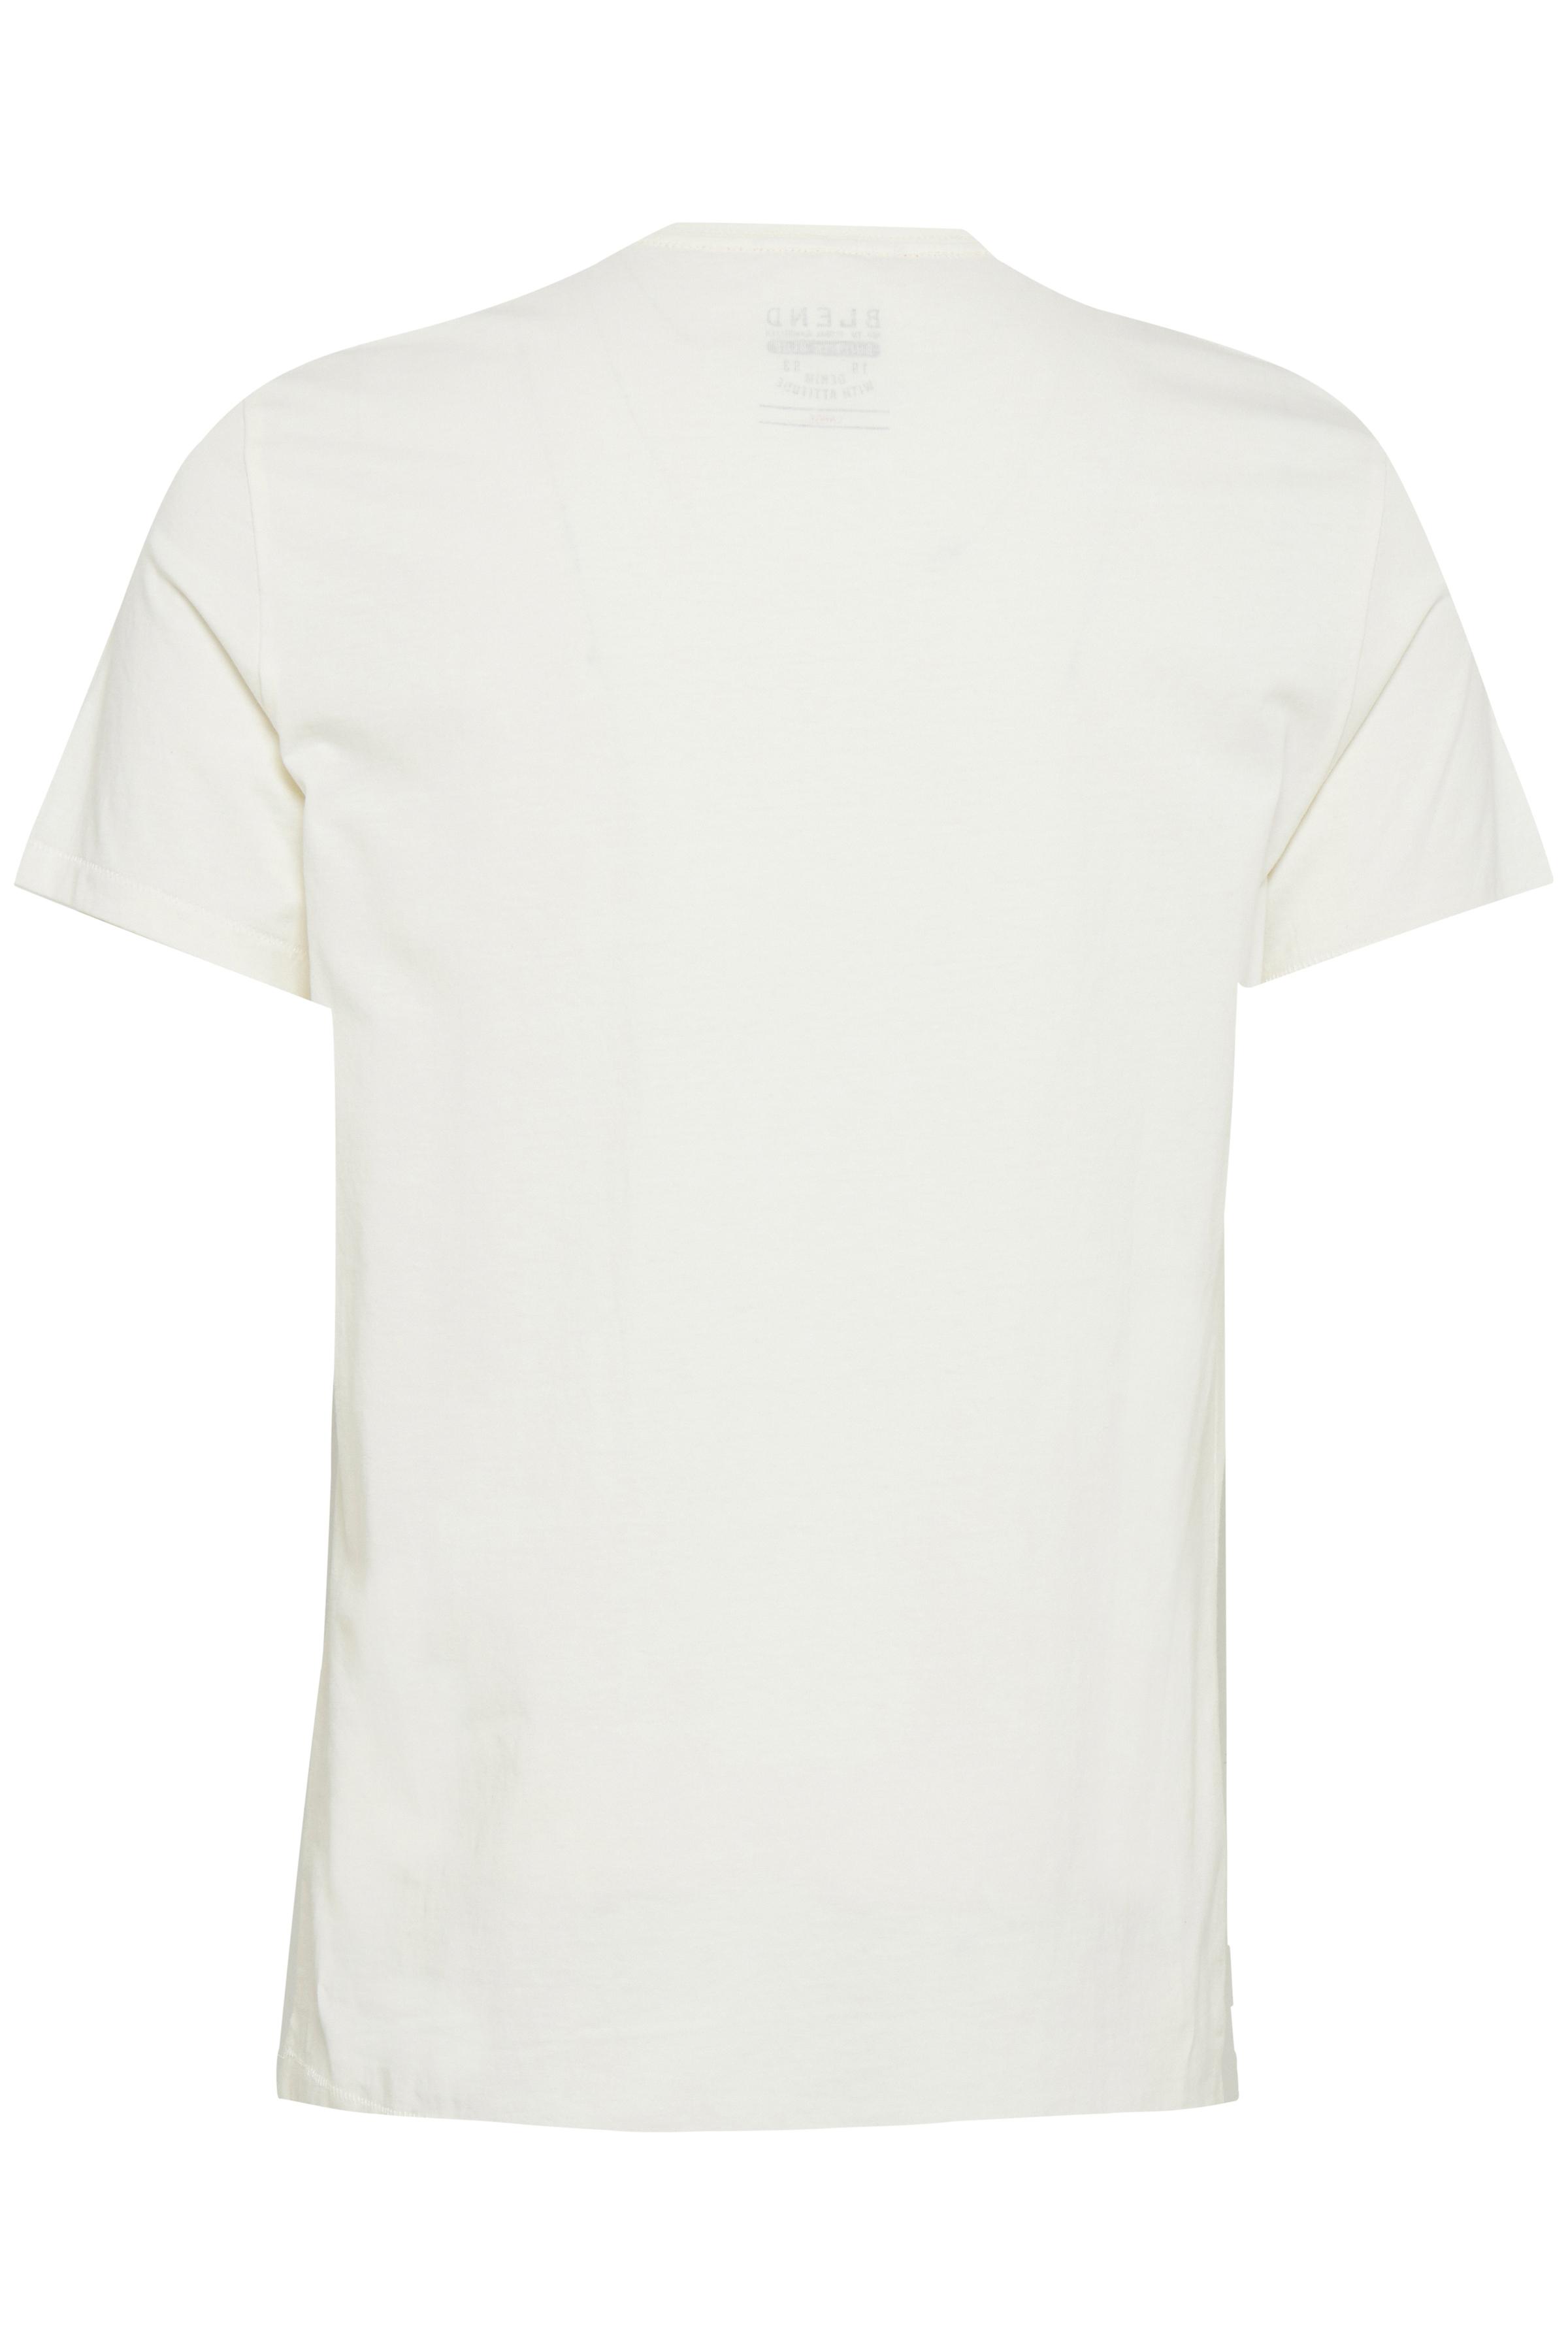 Cream White T-shirt – Køb Cream White T-shirt fra str. S-XL her